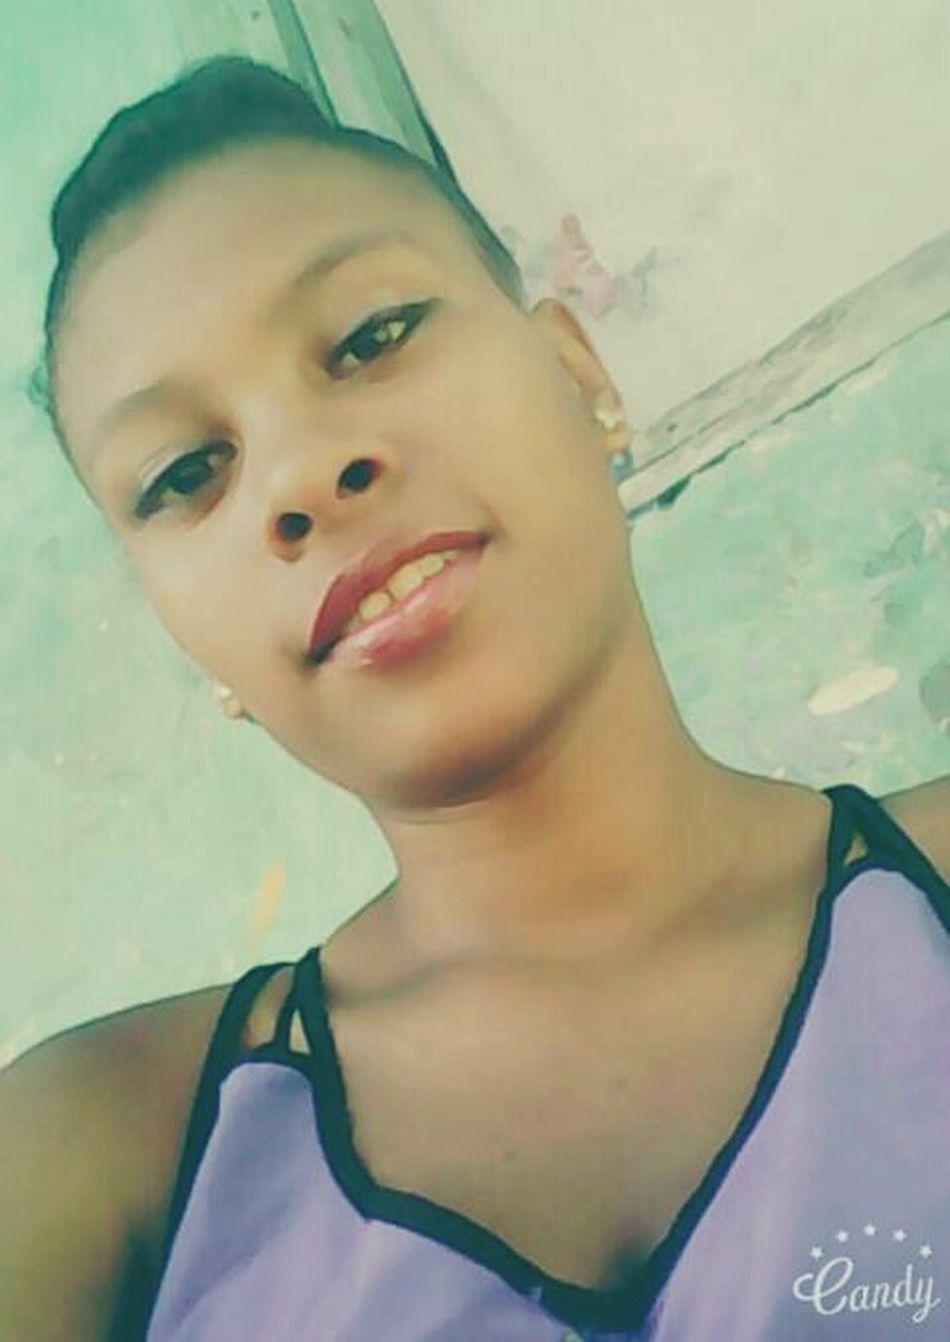 Hermosa yo m quiero kmosoy😘😘